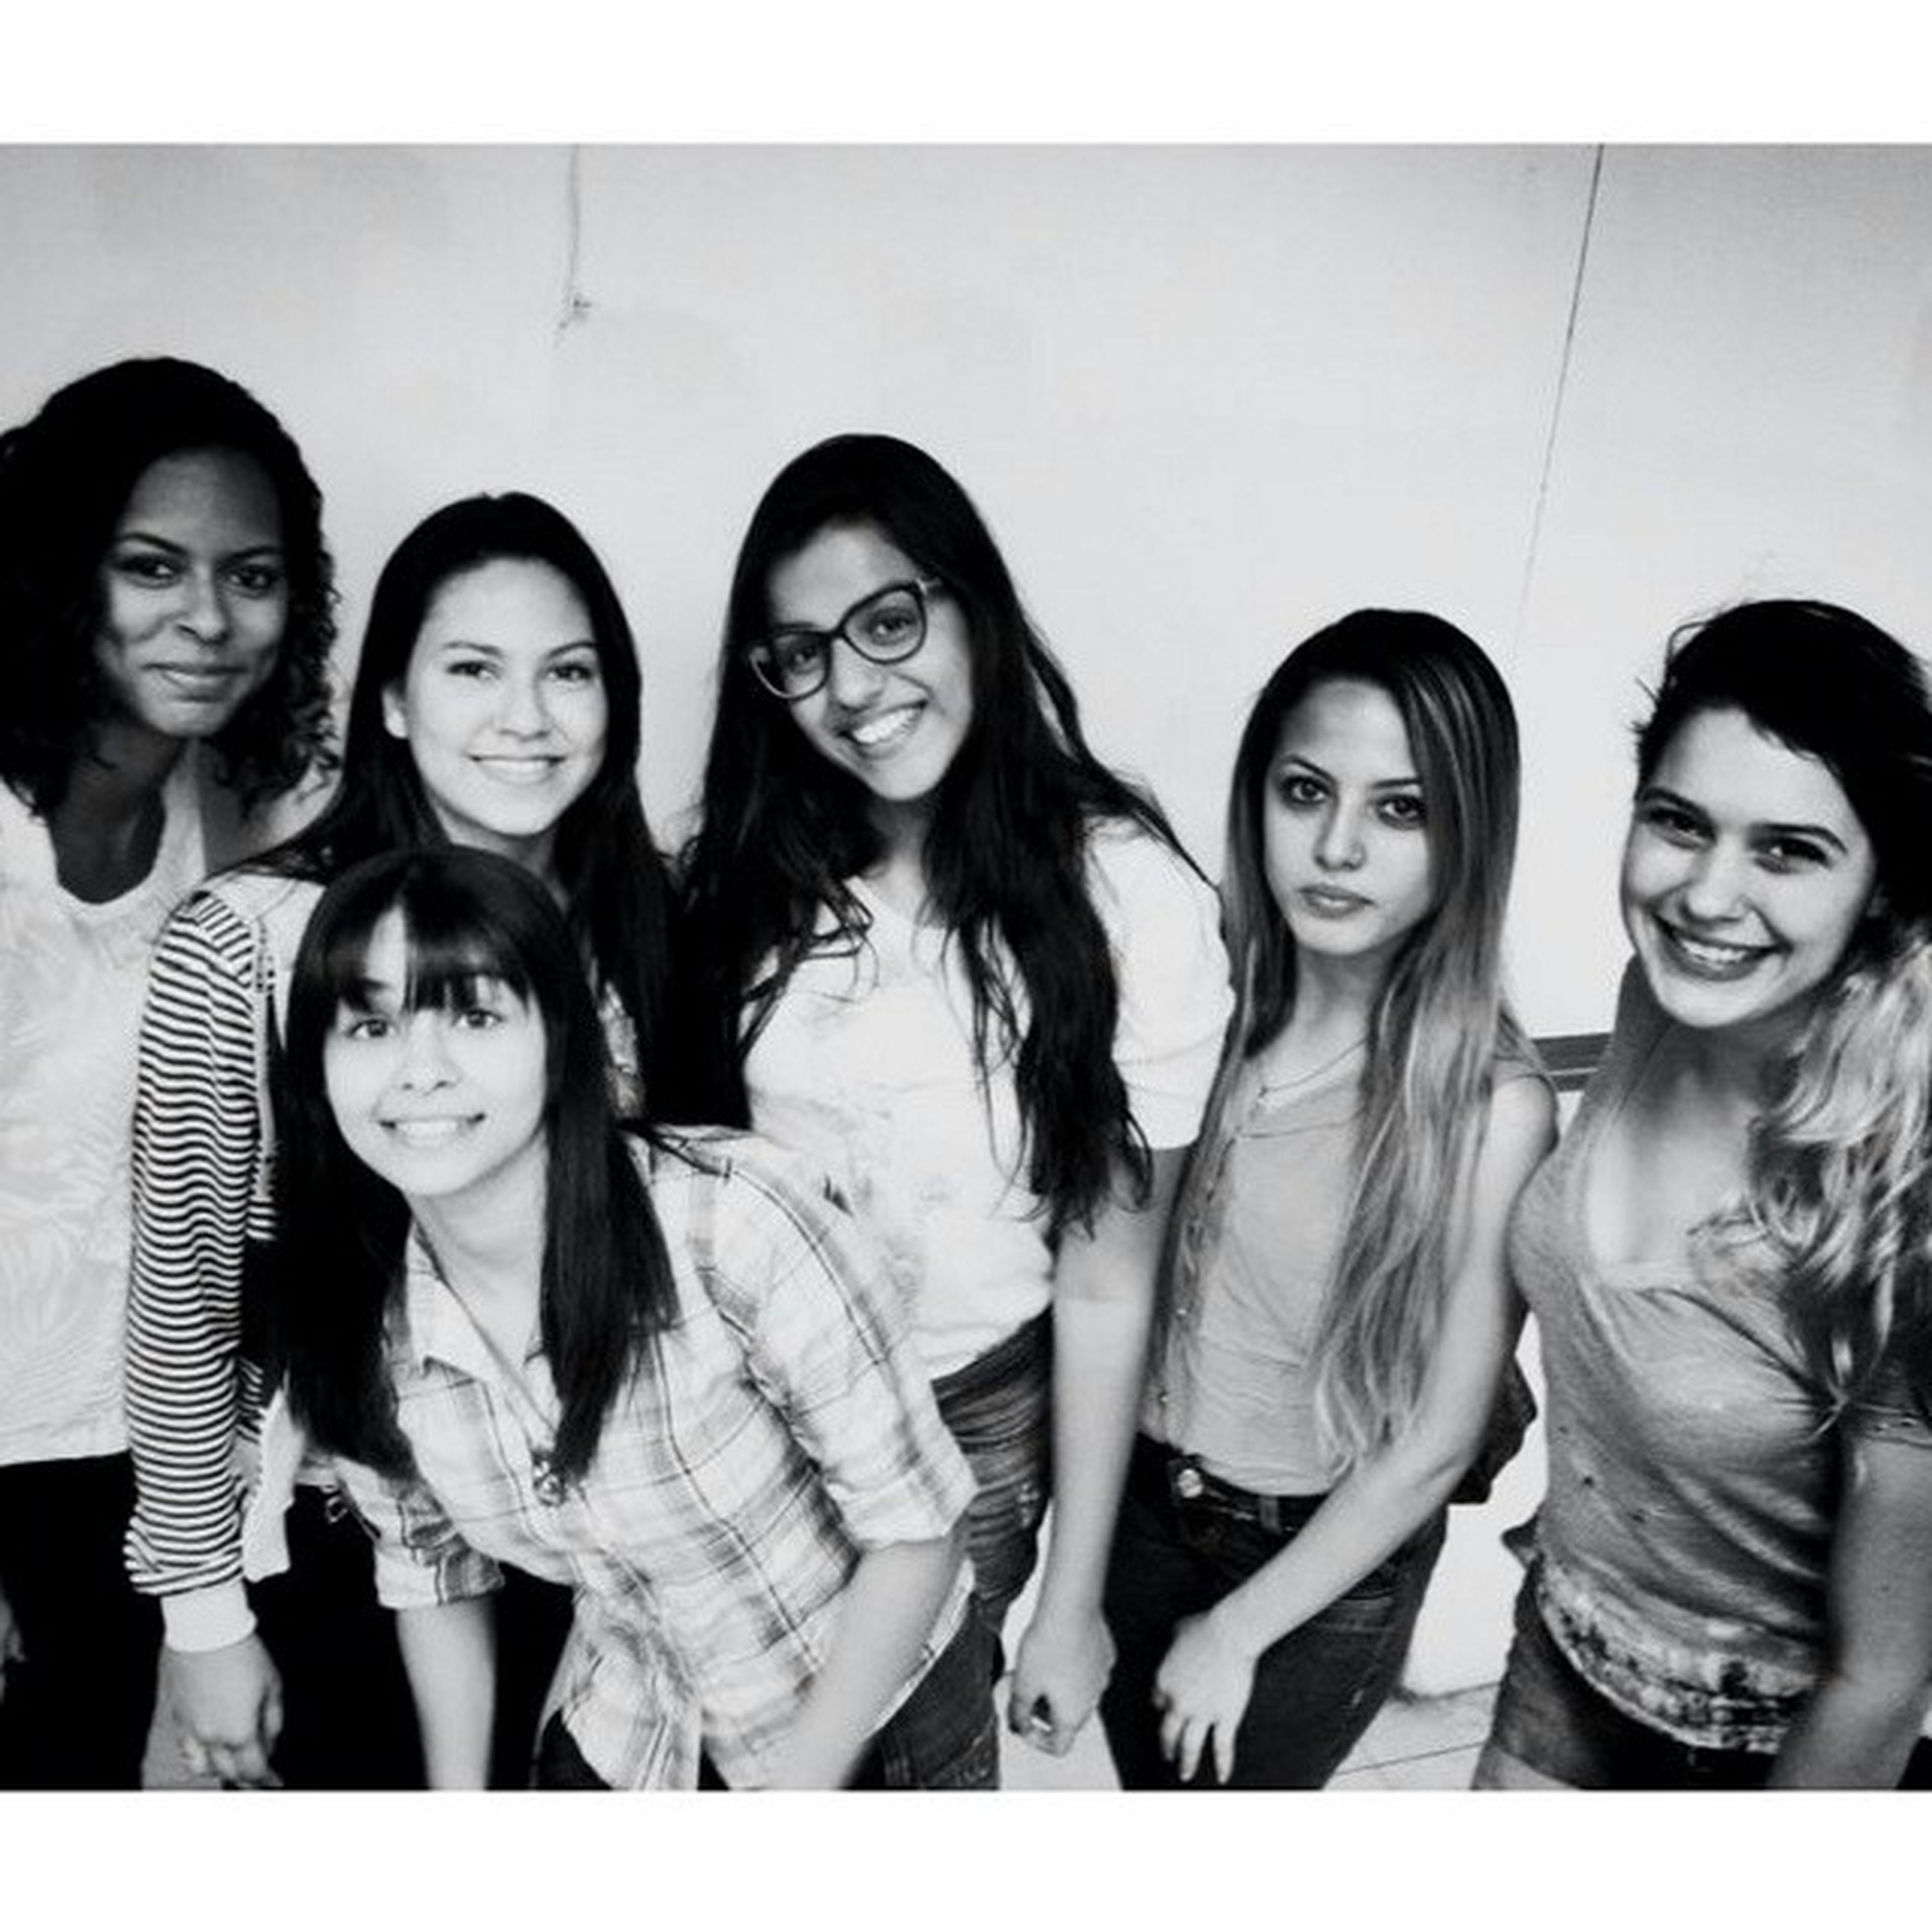 Adoro essas meninas <3 AmoBiologia CafédamanhãpraRuth Asmaisgatas